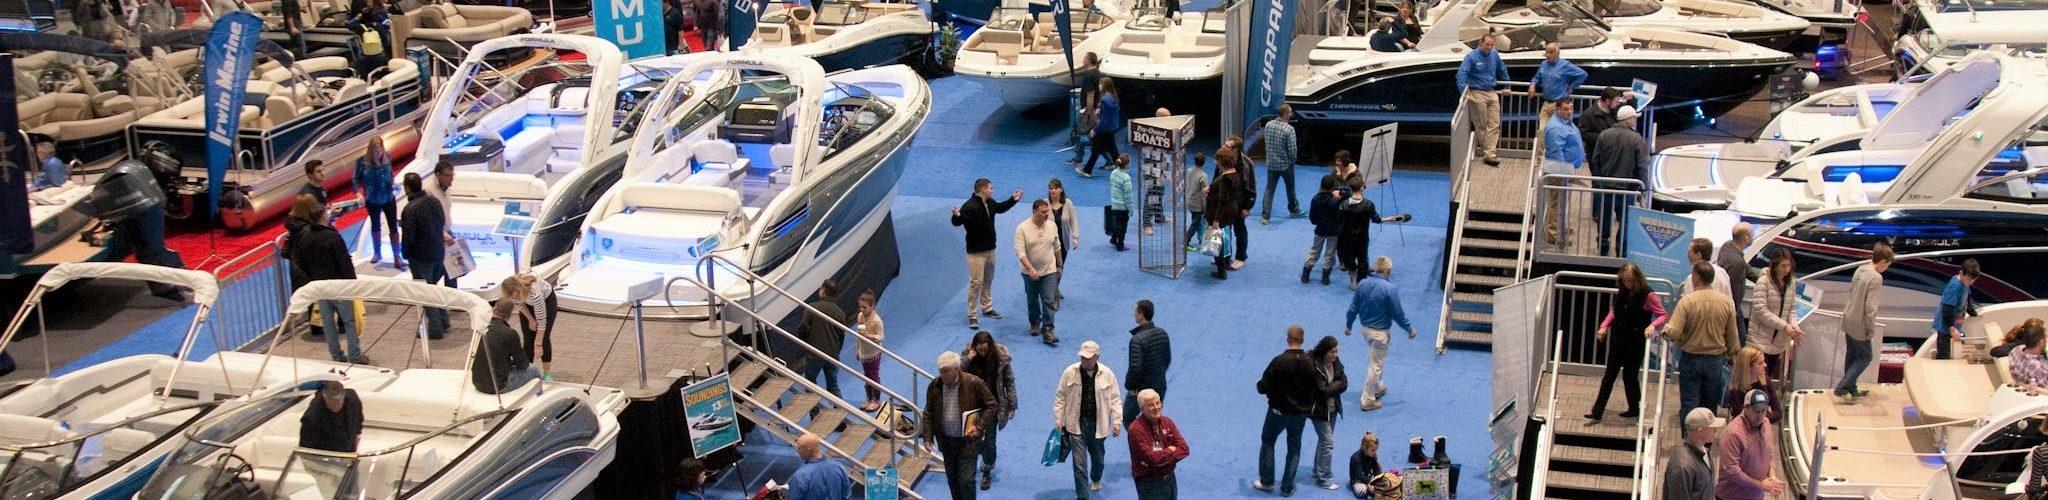 progressive-insurance-new-england-boat-show-salon-nautique-une